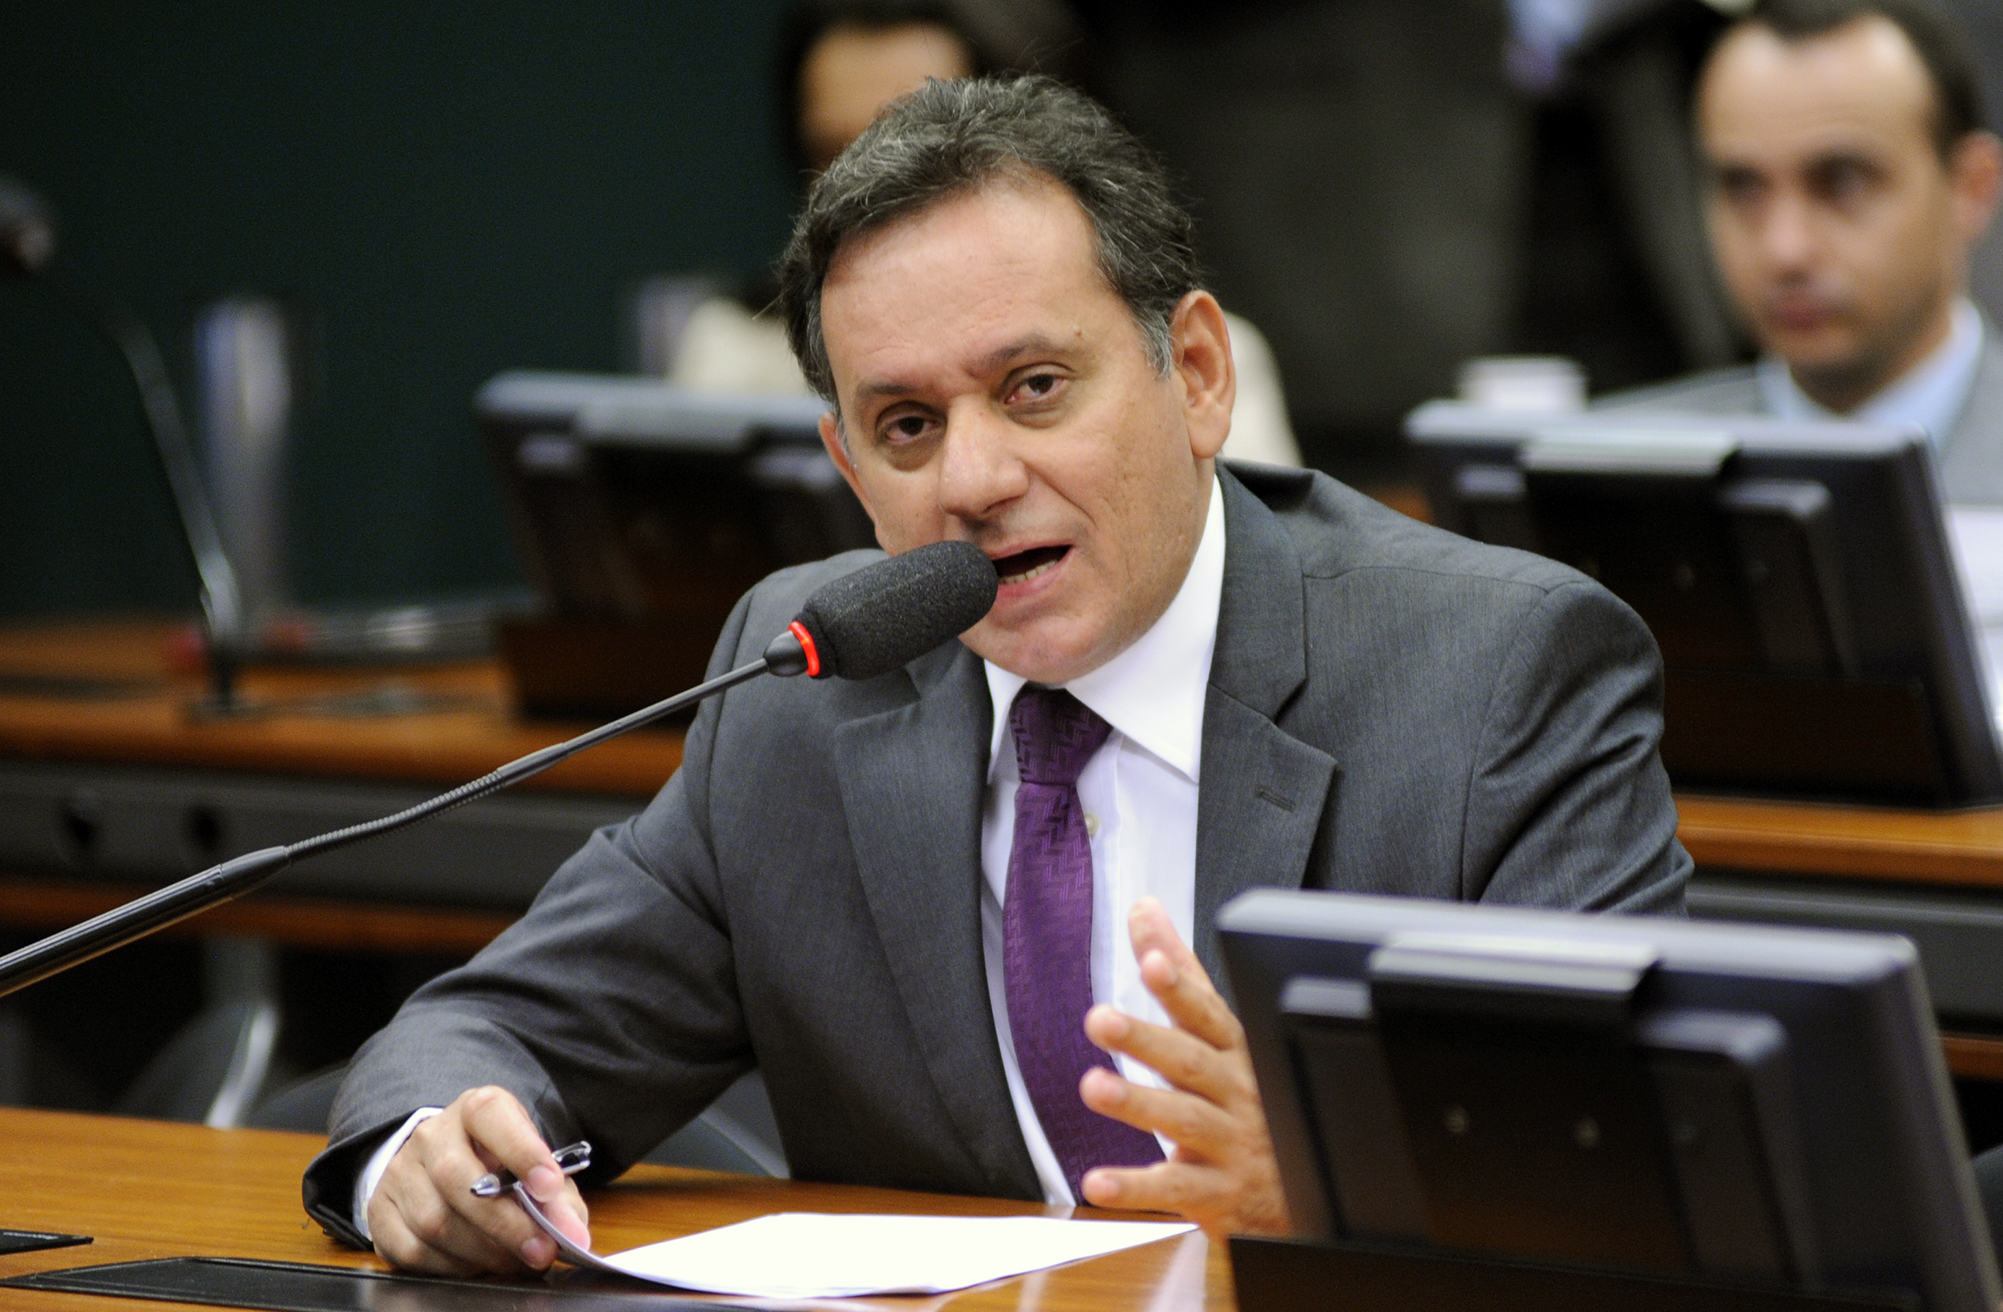 Audiência Pública para tomada de depoimento do advogado Ubiratan de Souza. Dep. Nilson Leitão (PSDB - MT)